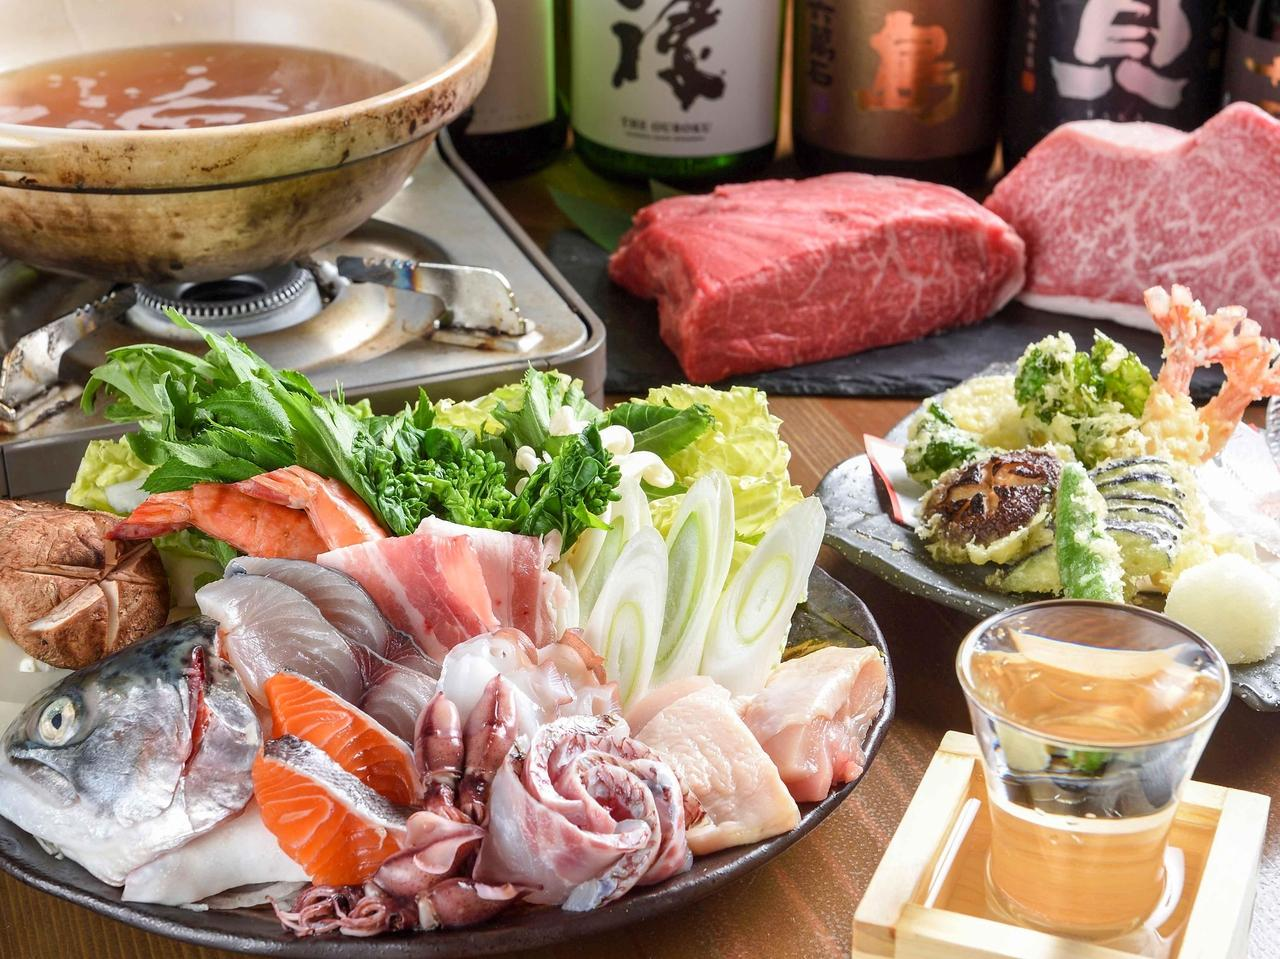 【姫路】日本酒にこだわり とれたて海鮮とブランド肉がリーズナブルに味わえる|酔部屋 いつもん床